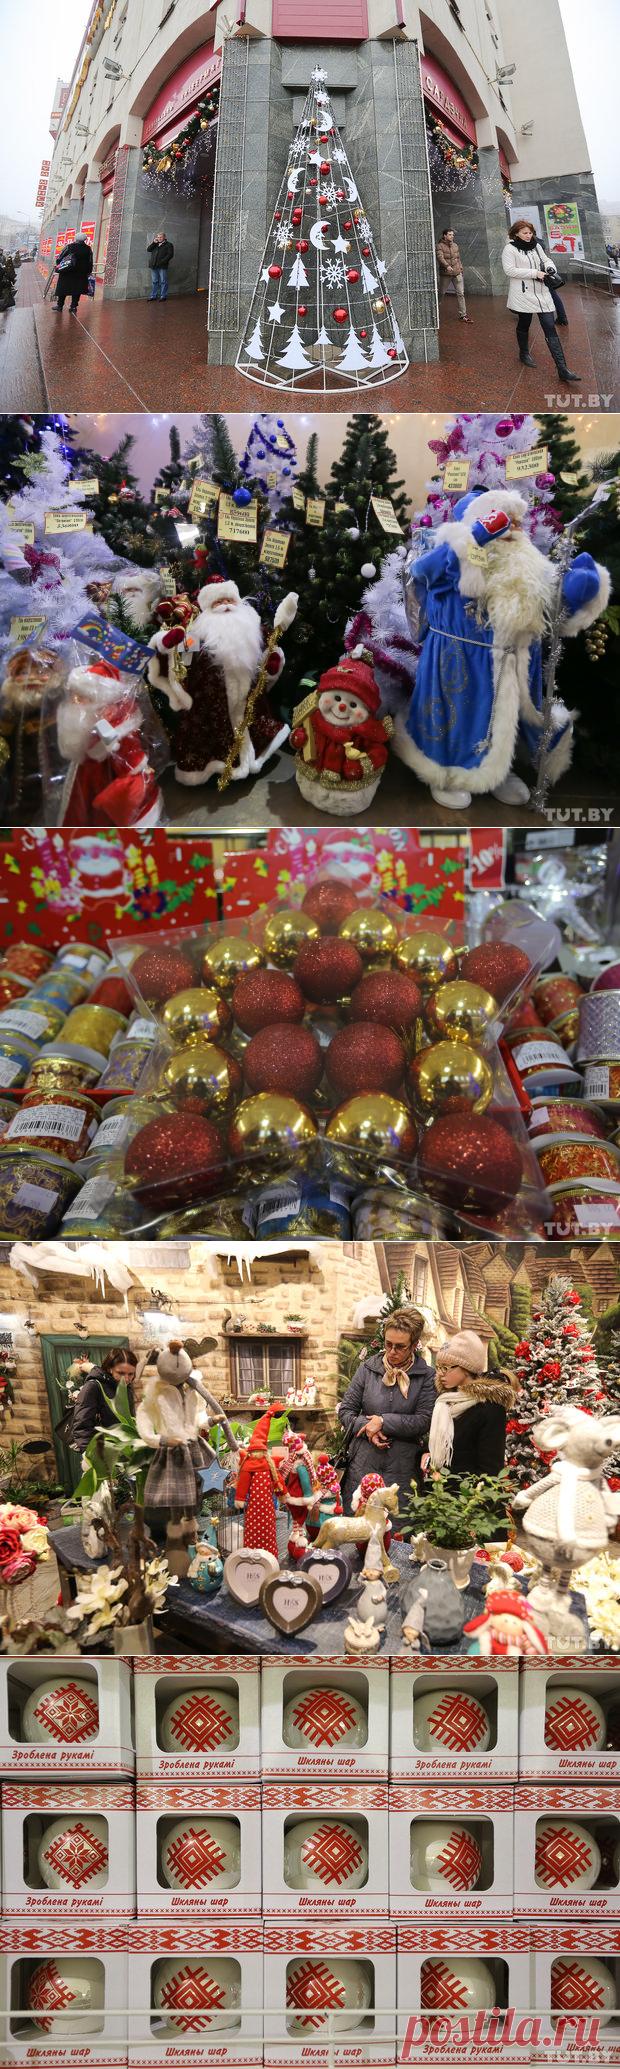 Где и за сколько купить елочные игрушки в Минске: от 5 тысяч за пластмассу до 430 за золото и стразы